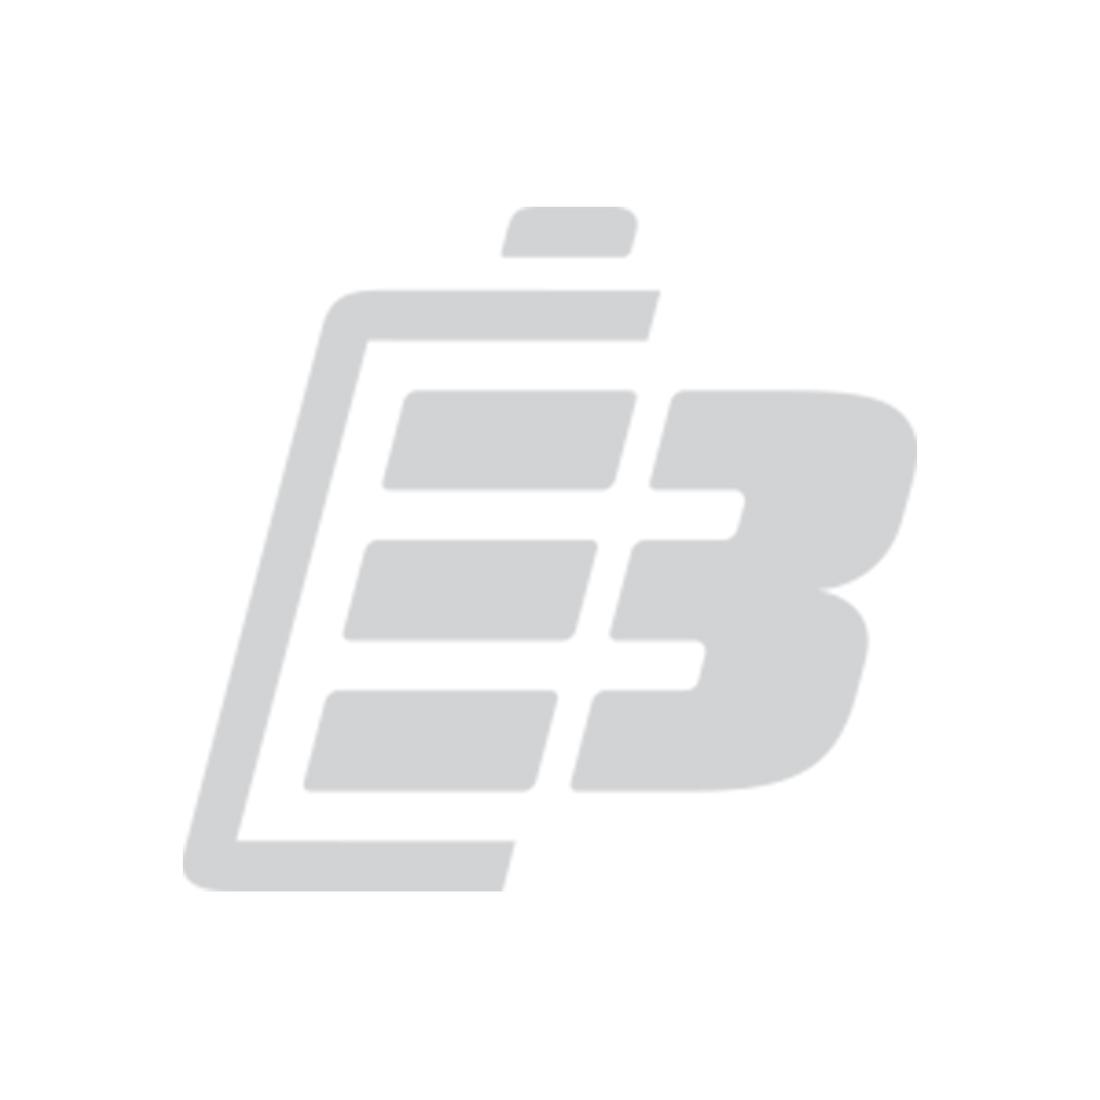 """Μπαταρία Laptop Apple MacBook Pro 15"""" Aluminum Unibody 2008_1"""